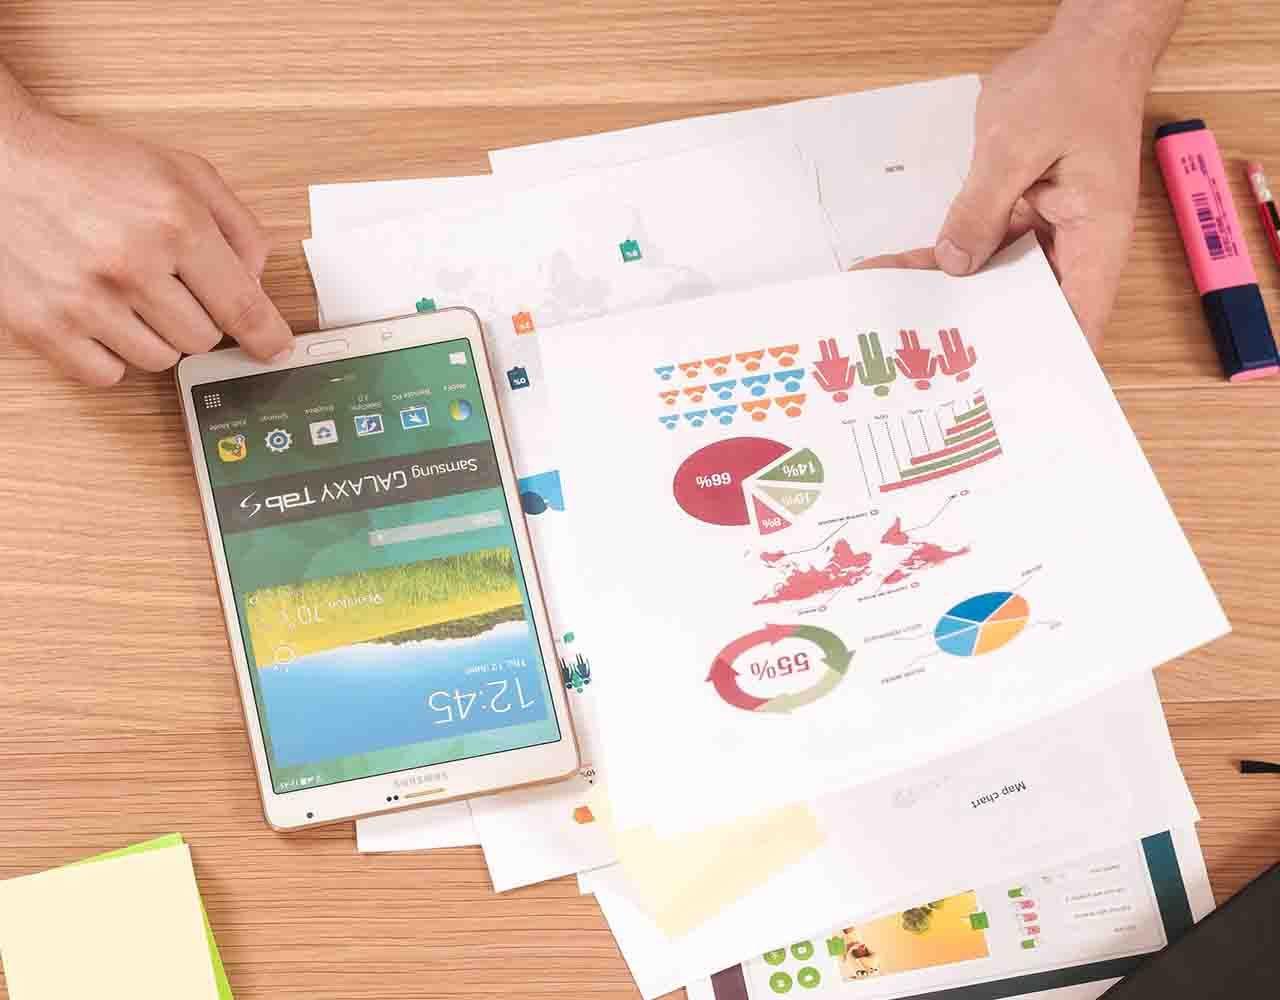 estrategia para optimizar lead generation